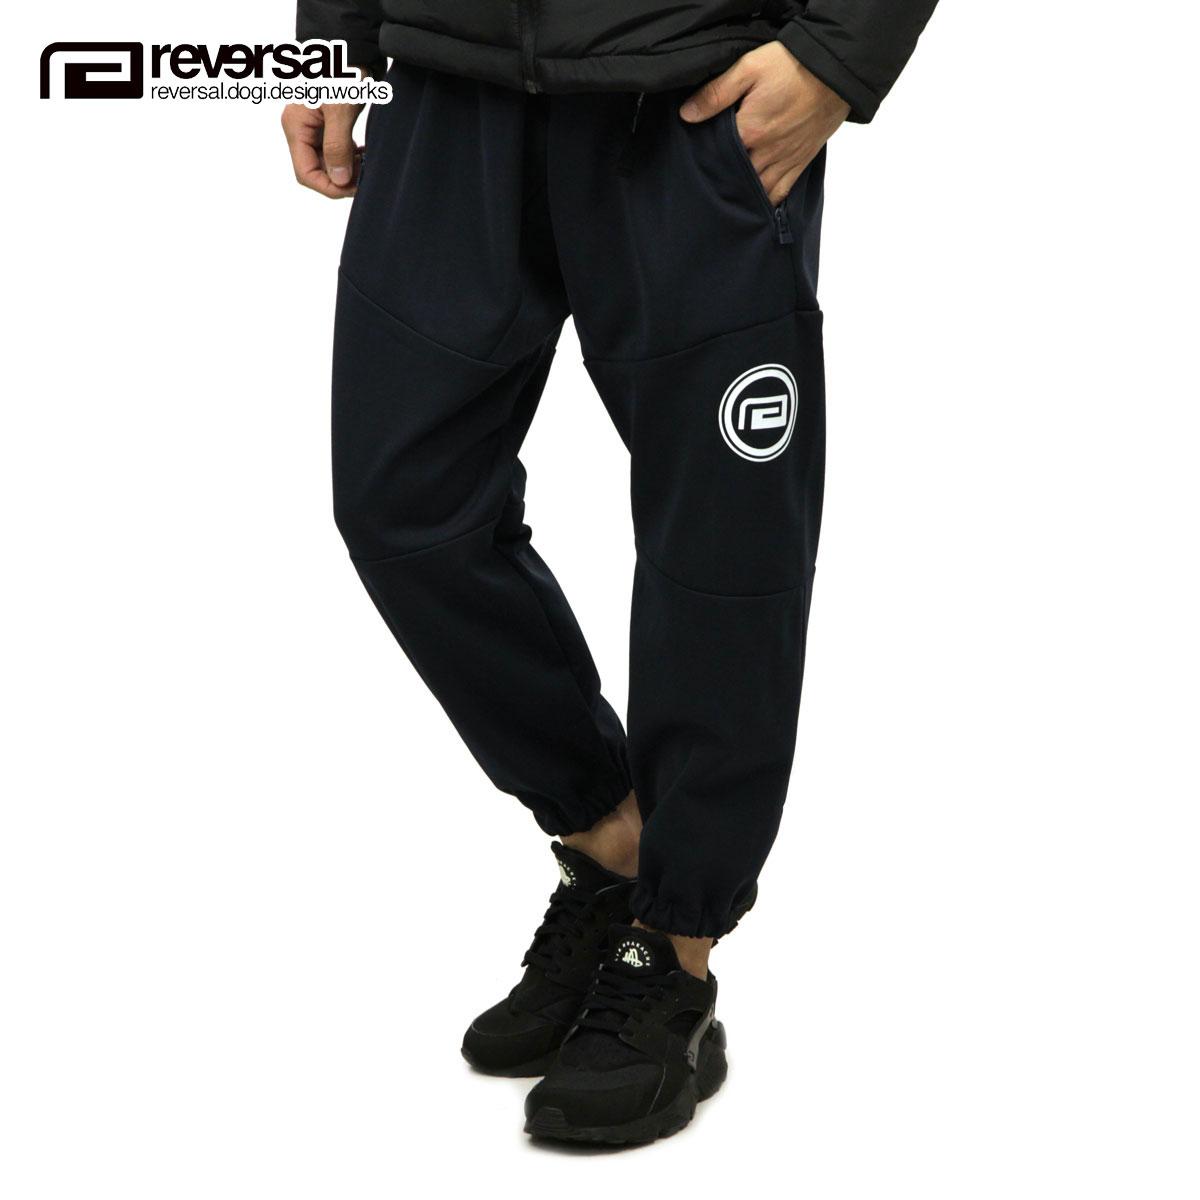 予約商品 12月頃入荷予定 リバーサル REVERSAL 正規販売店 メンズ ジョガーパンツ BLACK BELT JOGGER PANTS rv18aw021 NAVY